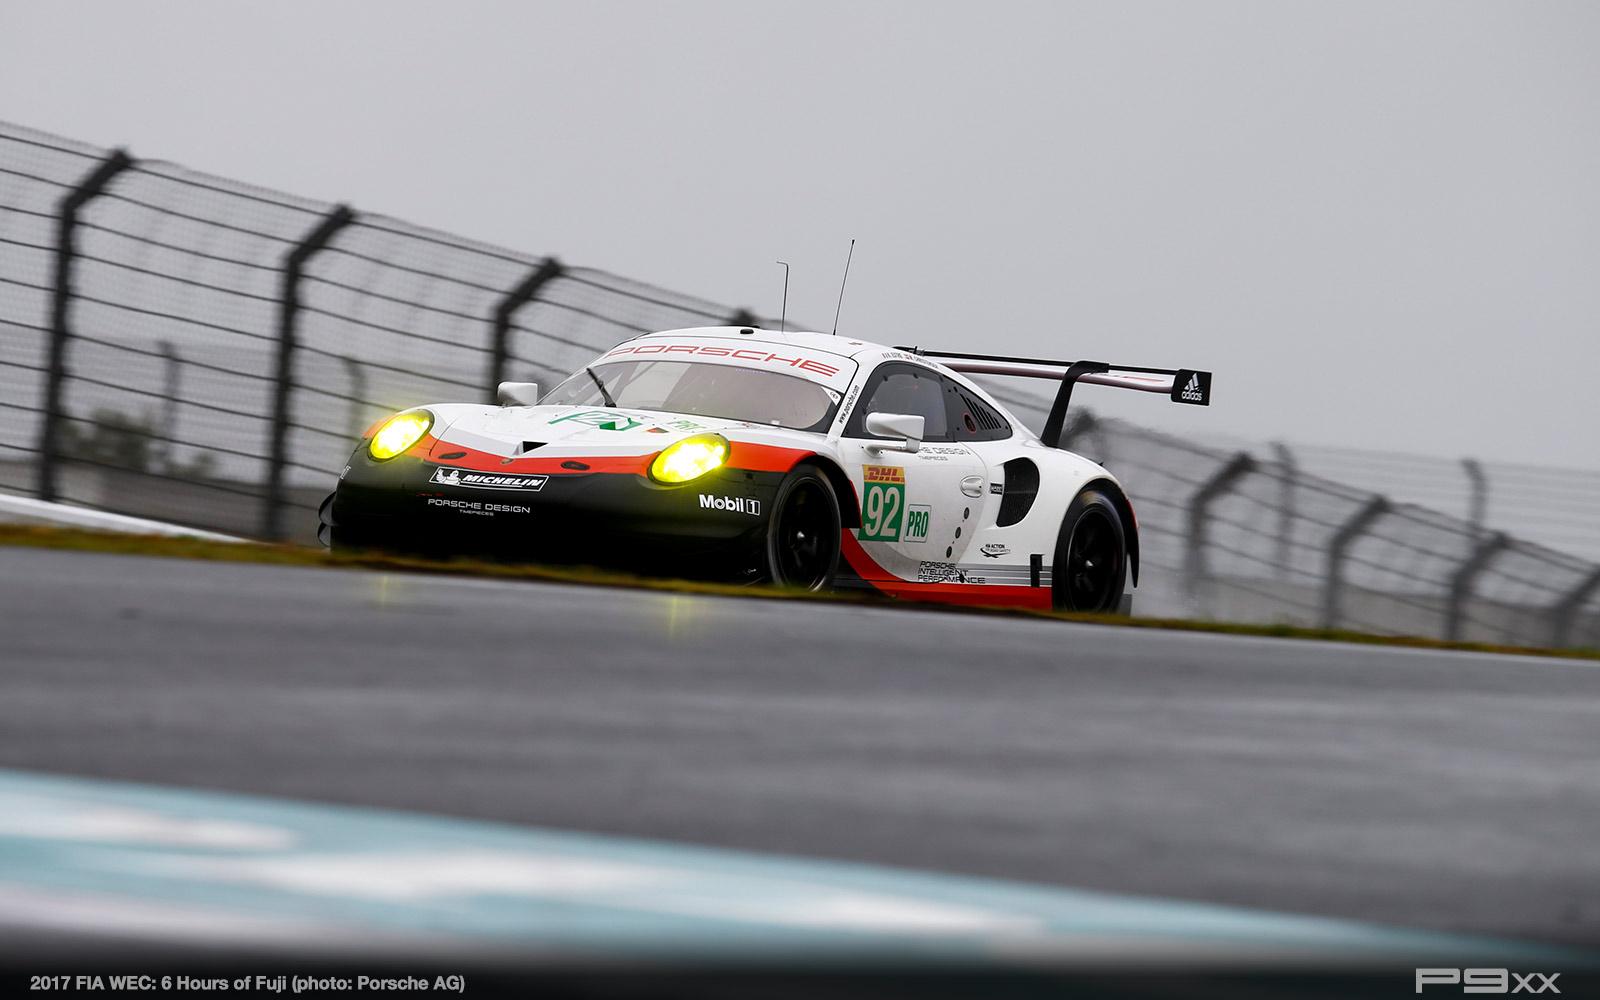 2017-FIA-WEC-6h-of-Fuji-Porsche-385